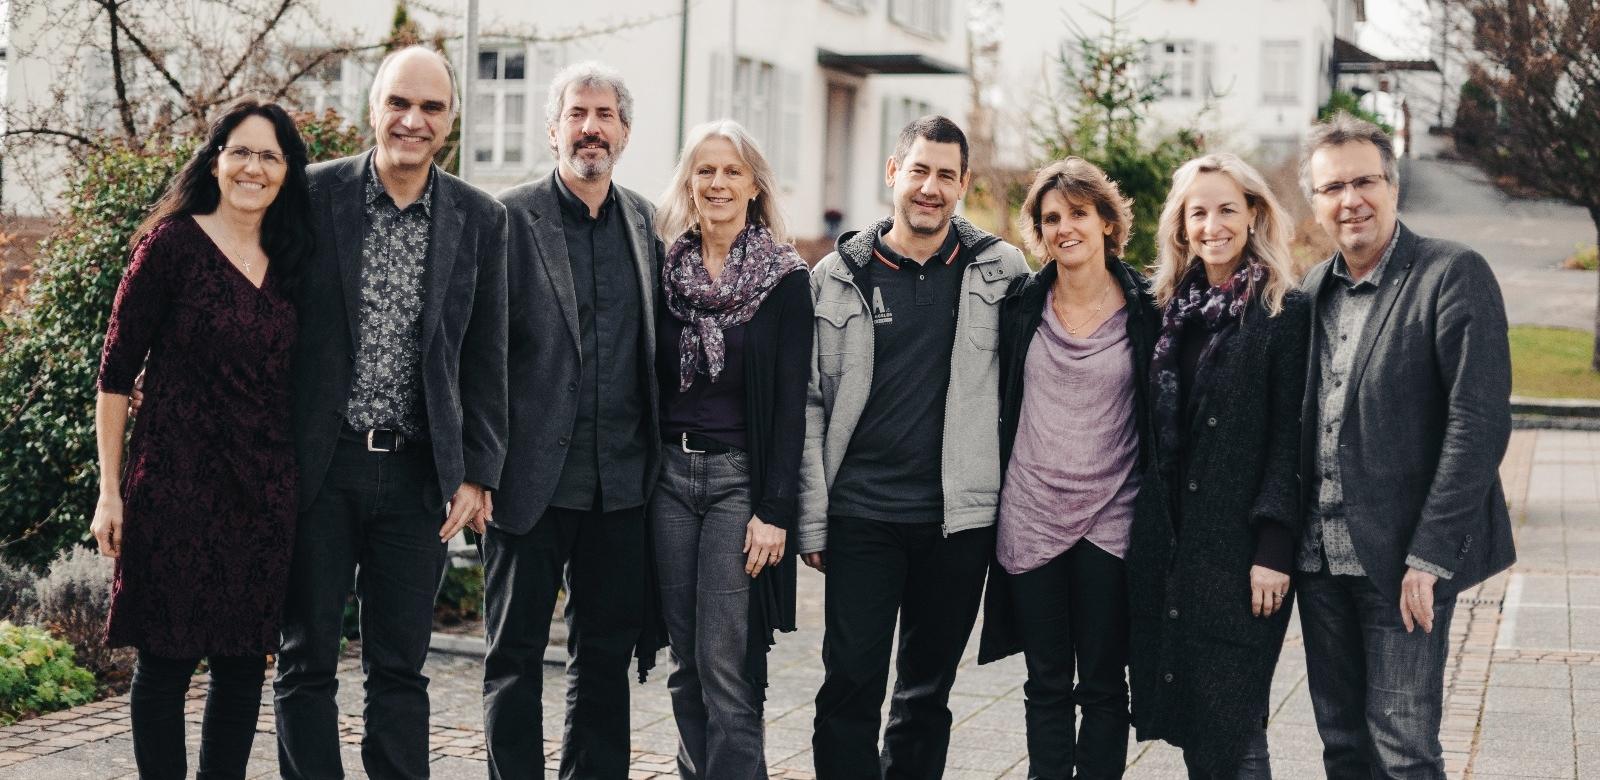 Das Pastoralteam von links nach rechts: Eveline und Christoph Leu, Erich und Ursula Vetsch, Stefan und Christina Wenger, Kathrin und Walter Dürr